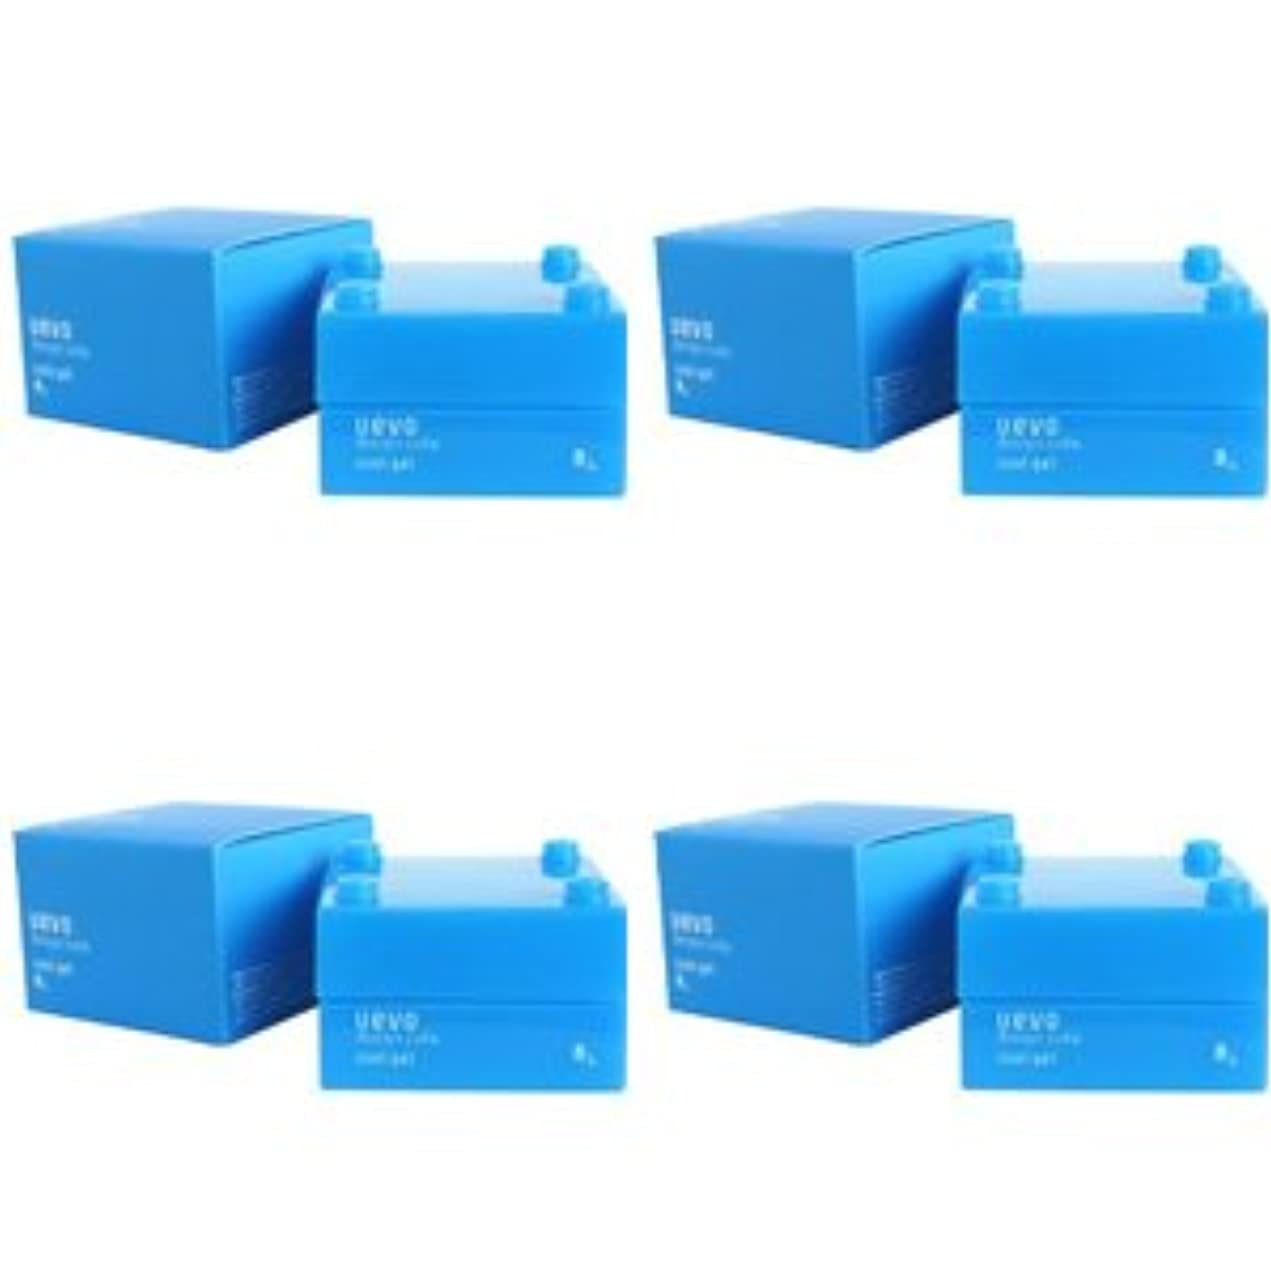 コマース匹敵しますアンペア【X4個セット】 デミ ウェーボ デザインキューブ クールジェル 30g cool gel DEMI uevo design cube